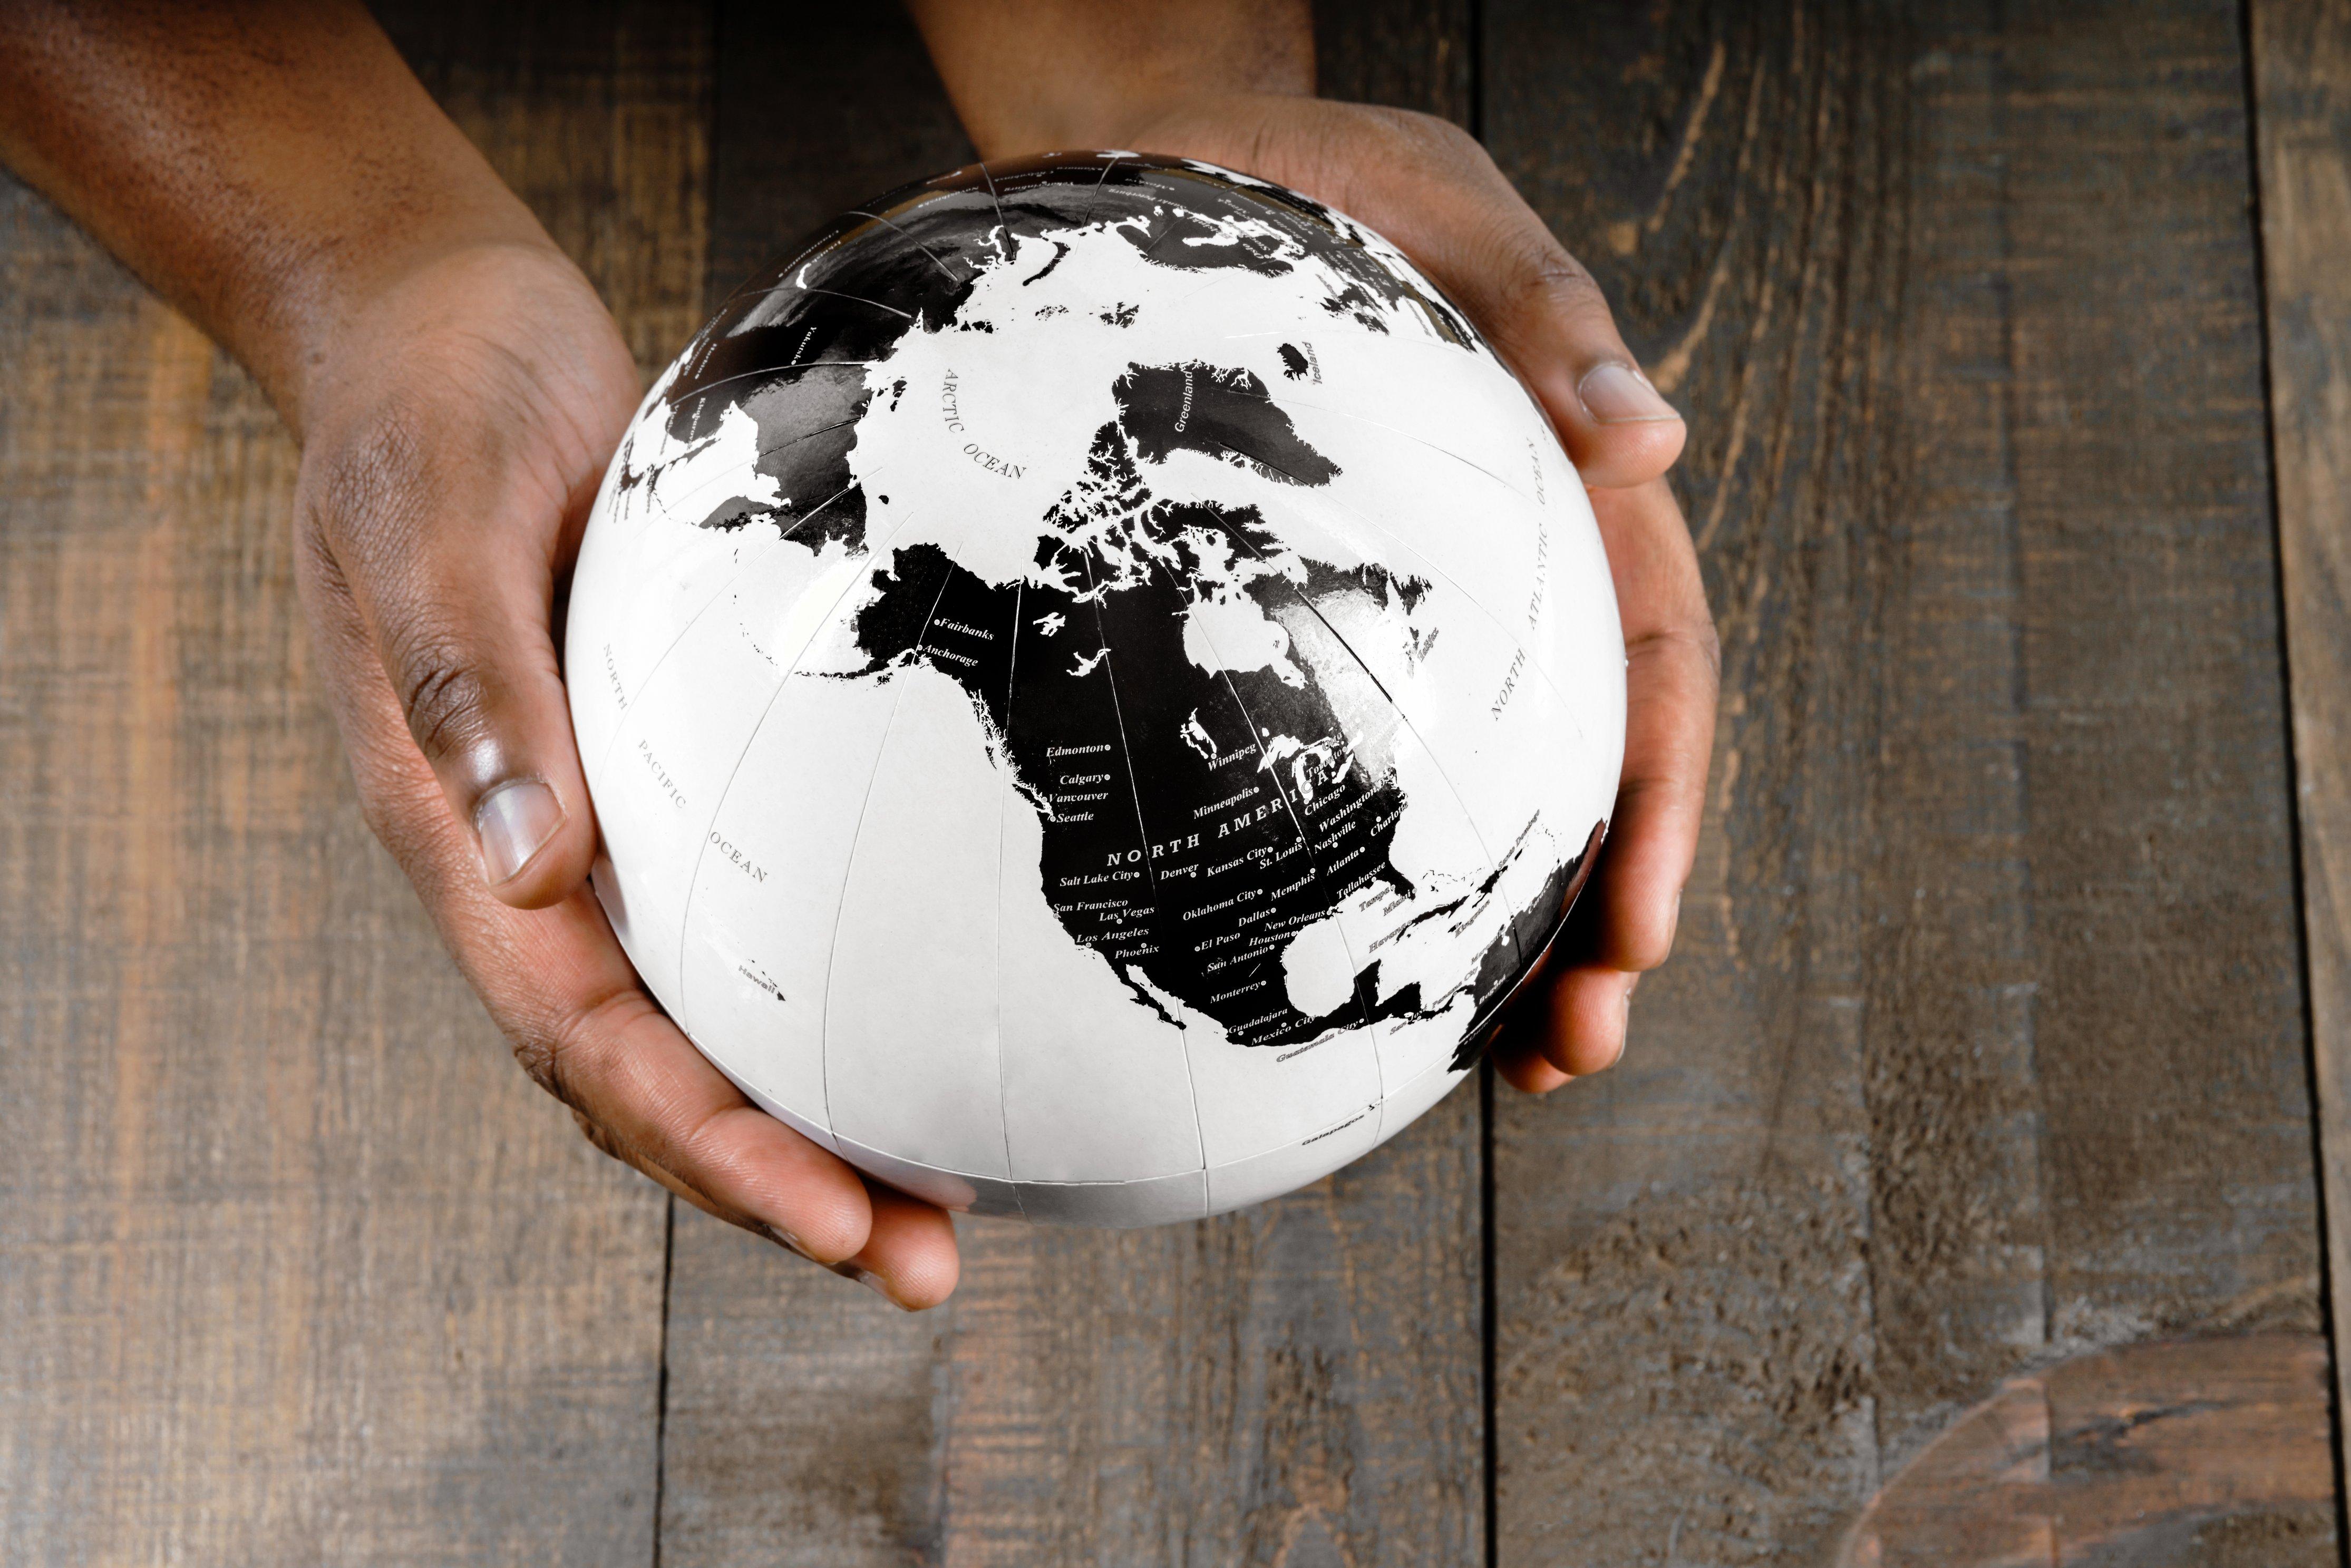 earth-in-hands_4460x4460-4.jpg